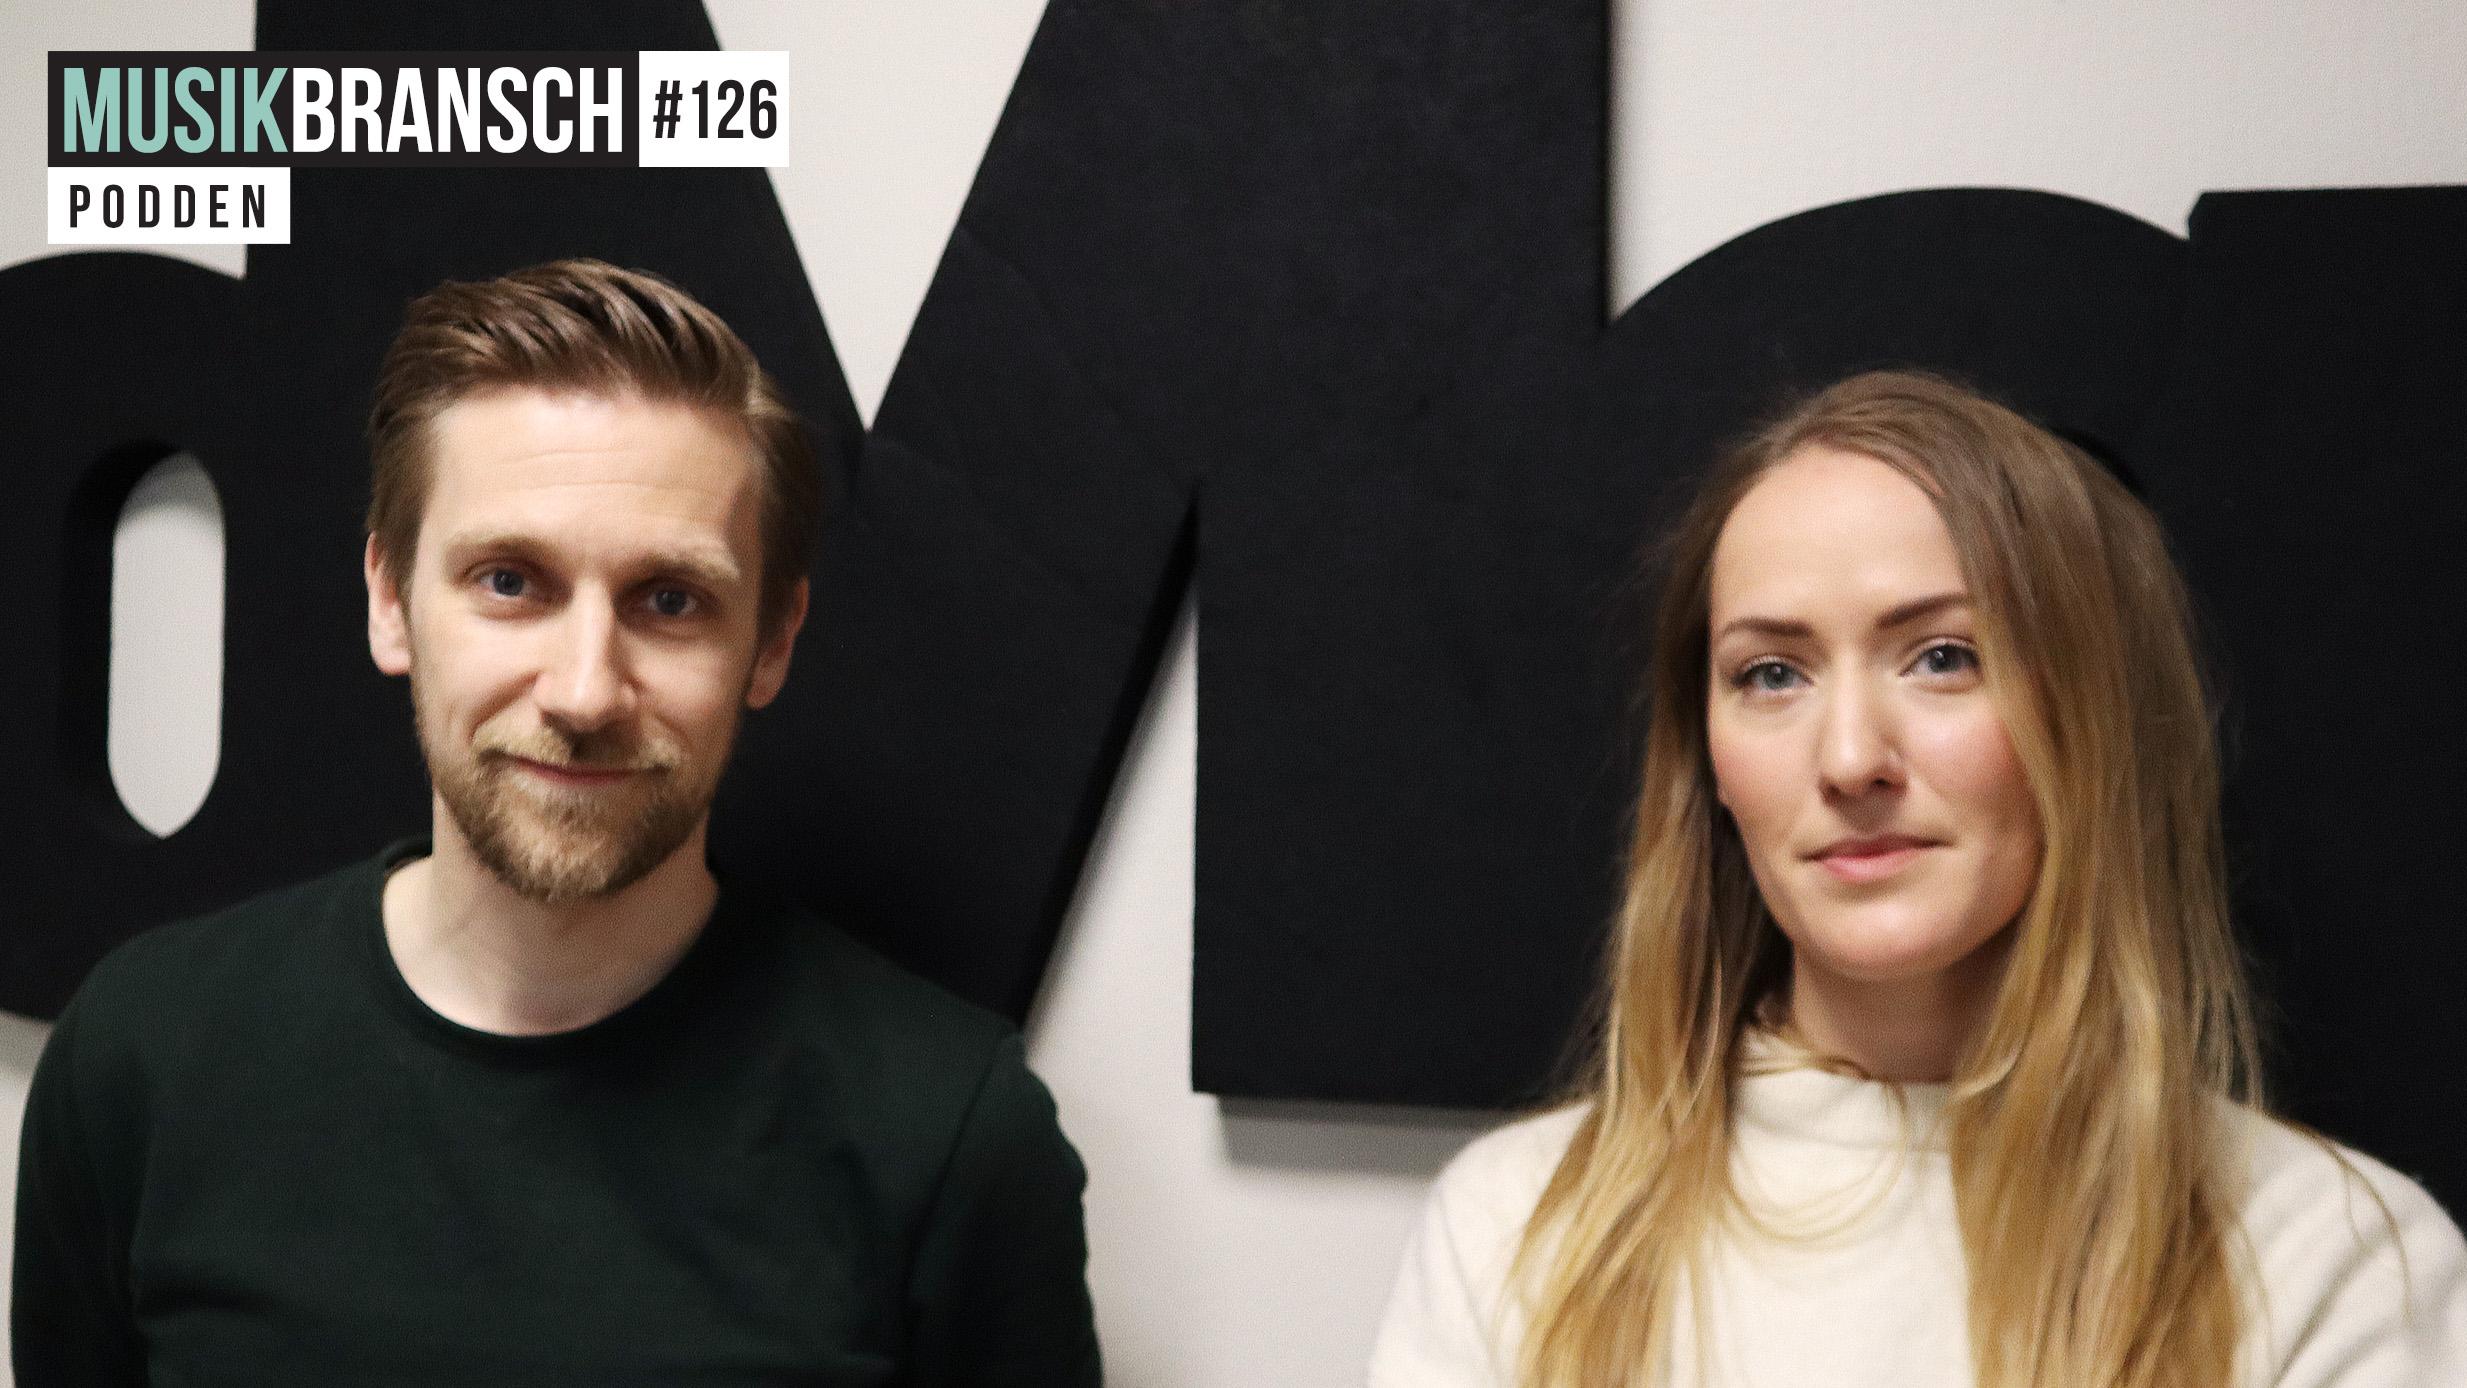 126. Styr studio framgångsrikt - Linn Fijal, Riksmixningsverket